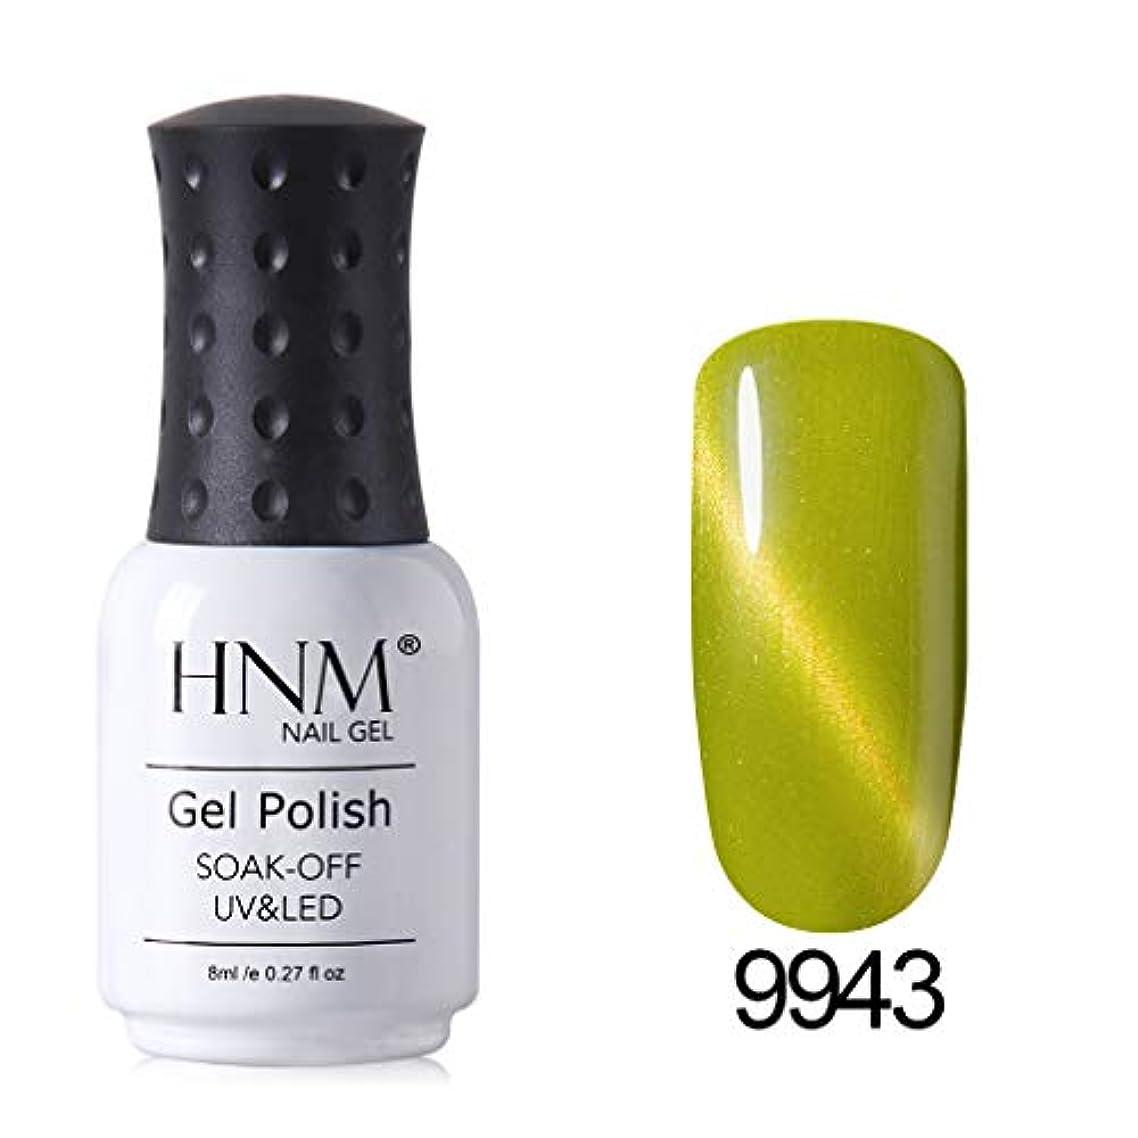 シャトル何でも構造HNM ジェルネイル カラージェル 猫目ジェル 模様を作れる 操作方法もっとやすい 固定回線 普通の猫目ジェルと違う 新しいコンセプト 1色入り 8ml 【全58色選択可】